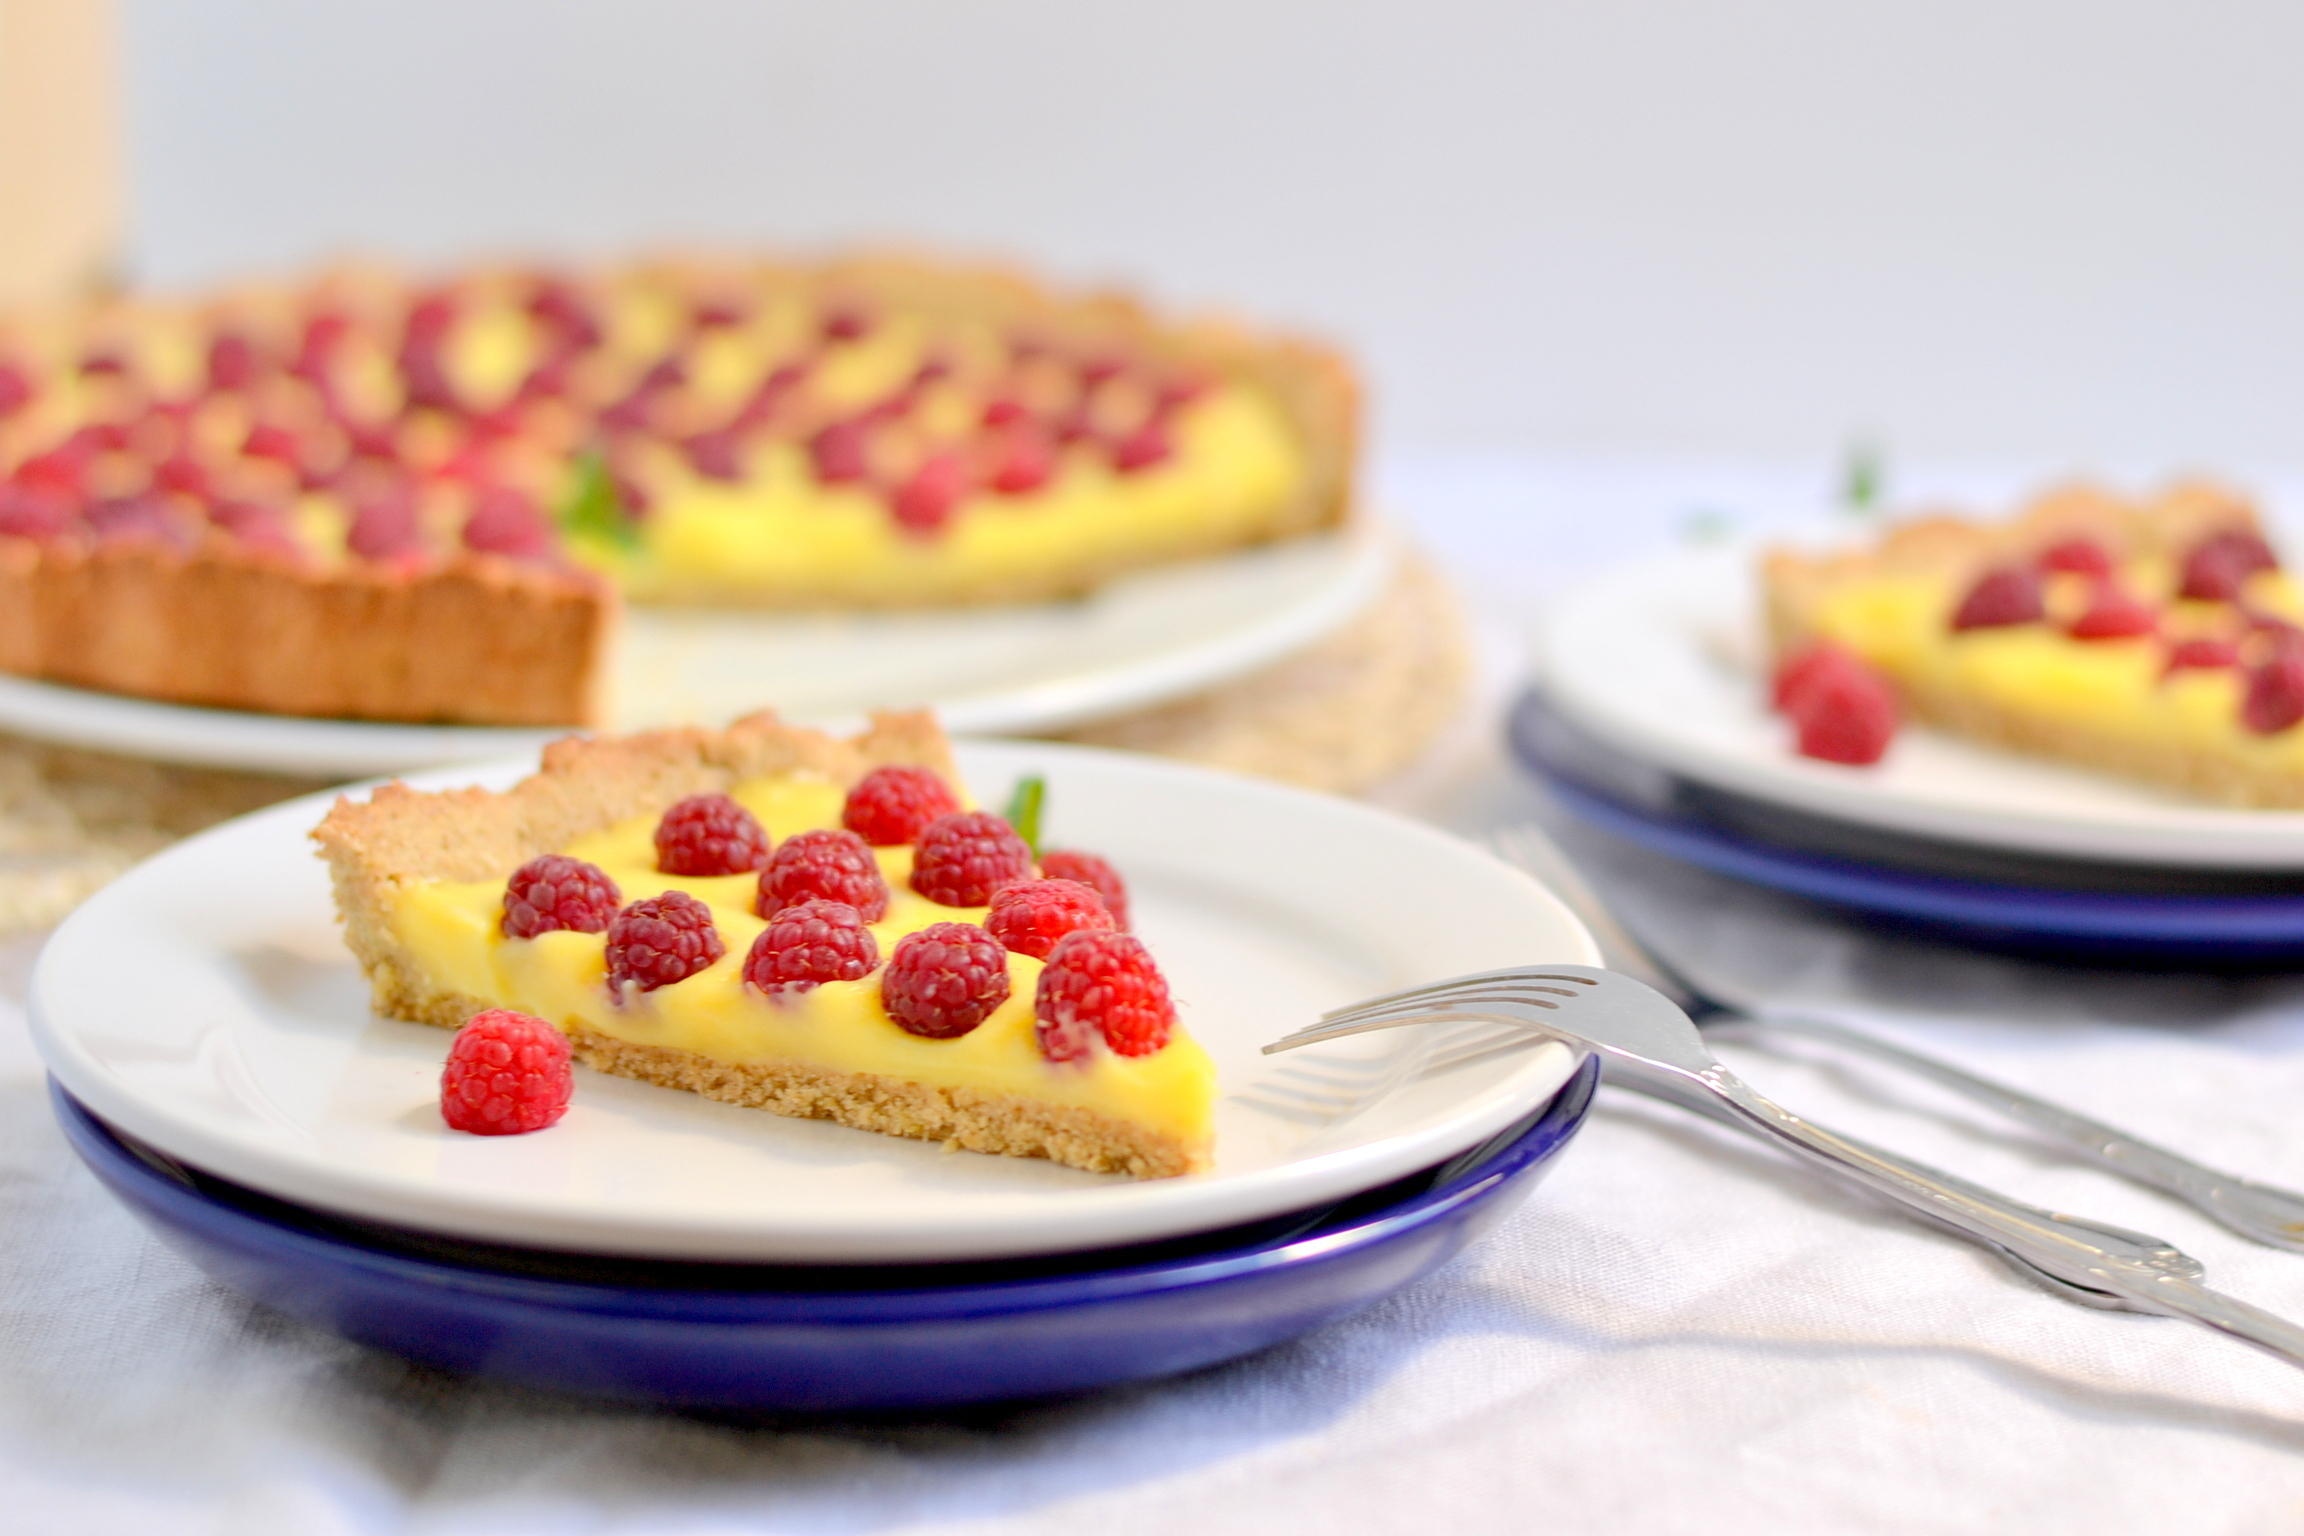 Пирог торт  № 2127526 загрузить